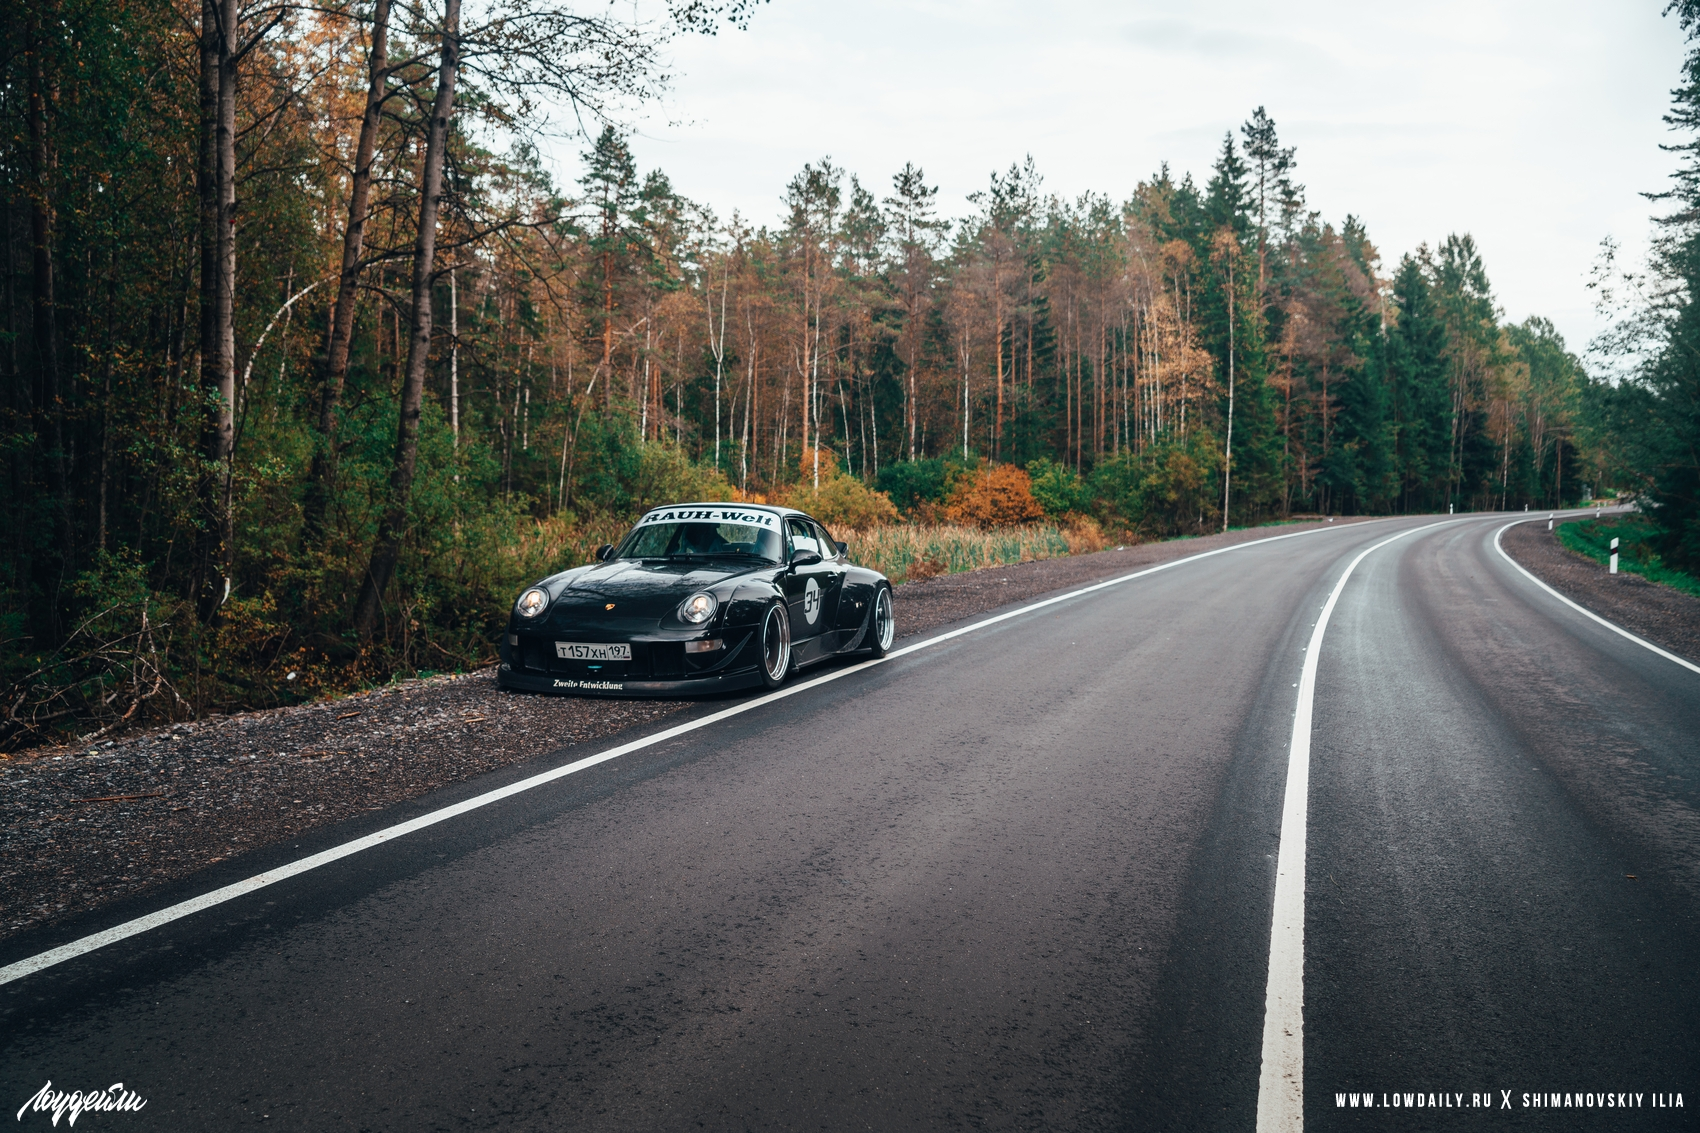 Porsche RWB 993 Bagheera DSC05786